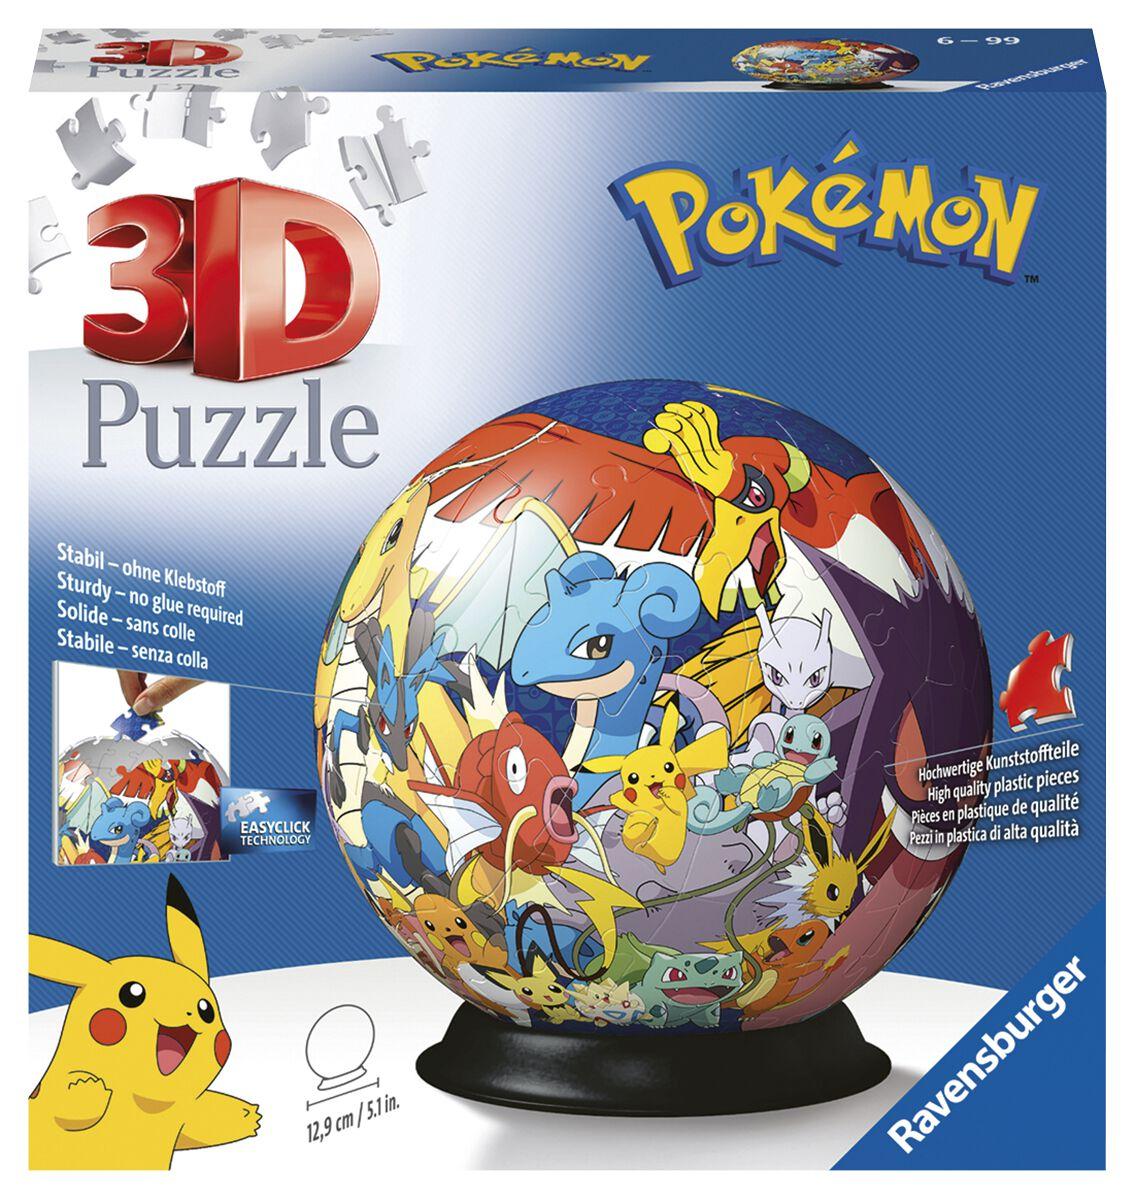 Pokémon Pokémon Puzzle-Ball Puzzle multicolor 11785